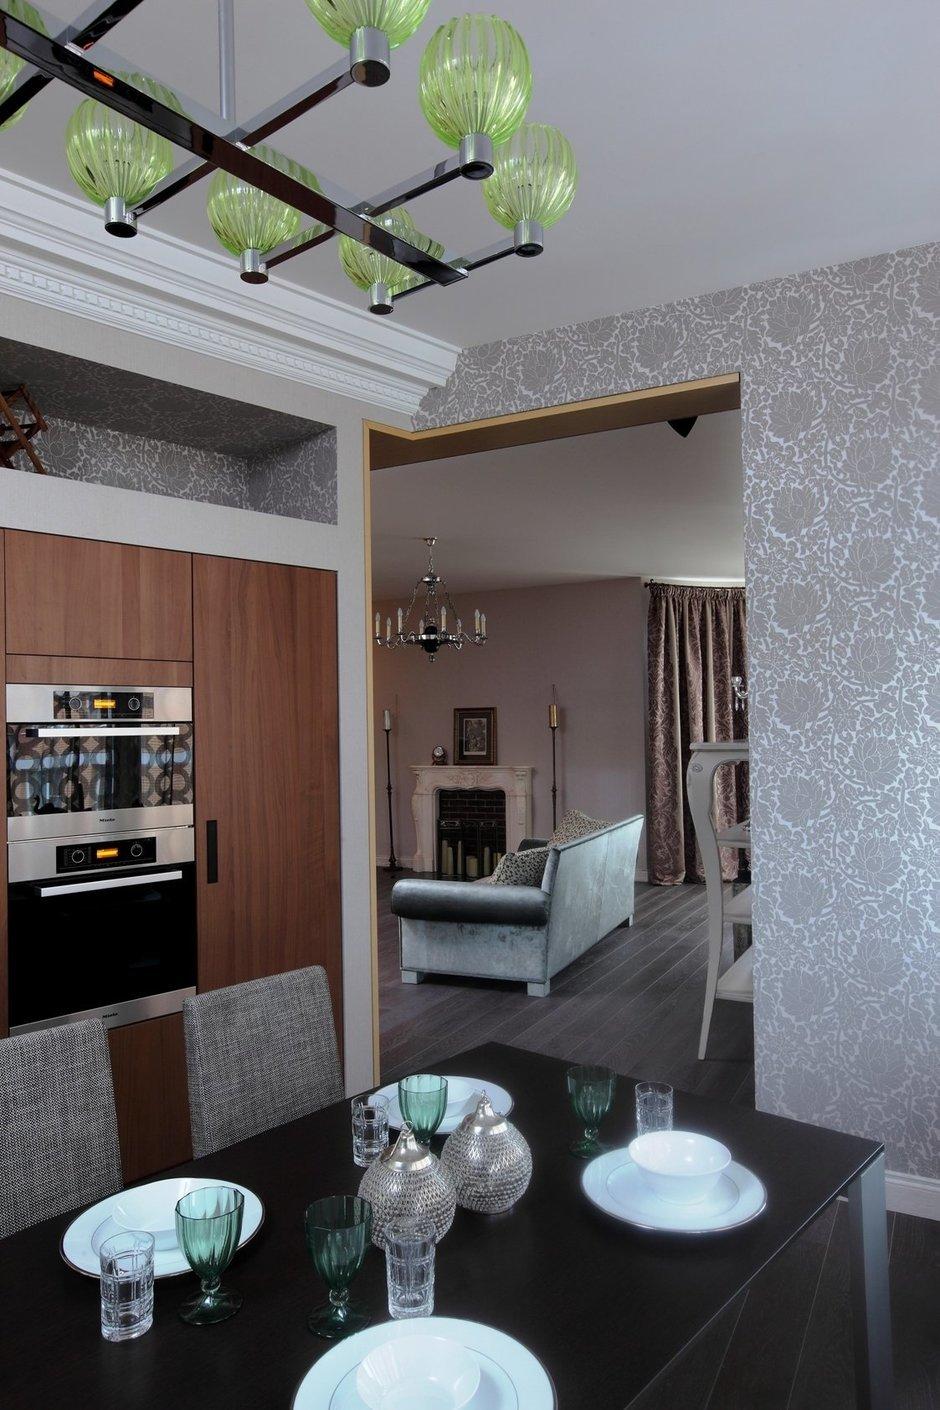 Фотография: Кухня и столовая в стиле Современный, Квартира, Дома и квартиры, Москва, Фьюжн – фото на InMyRoom.ru